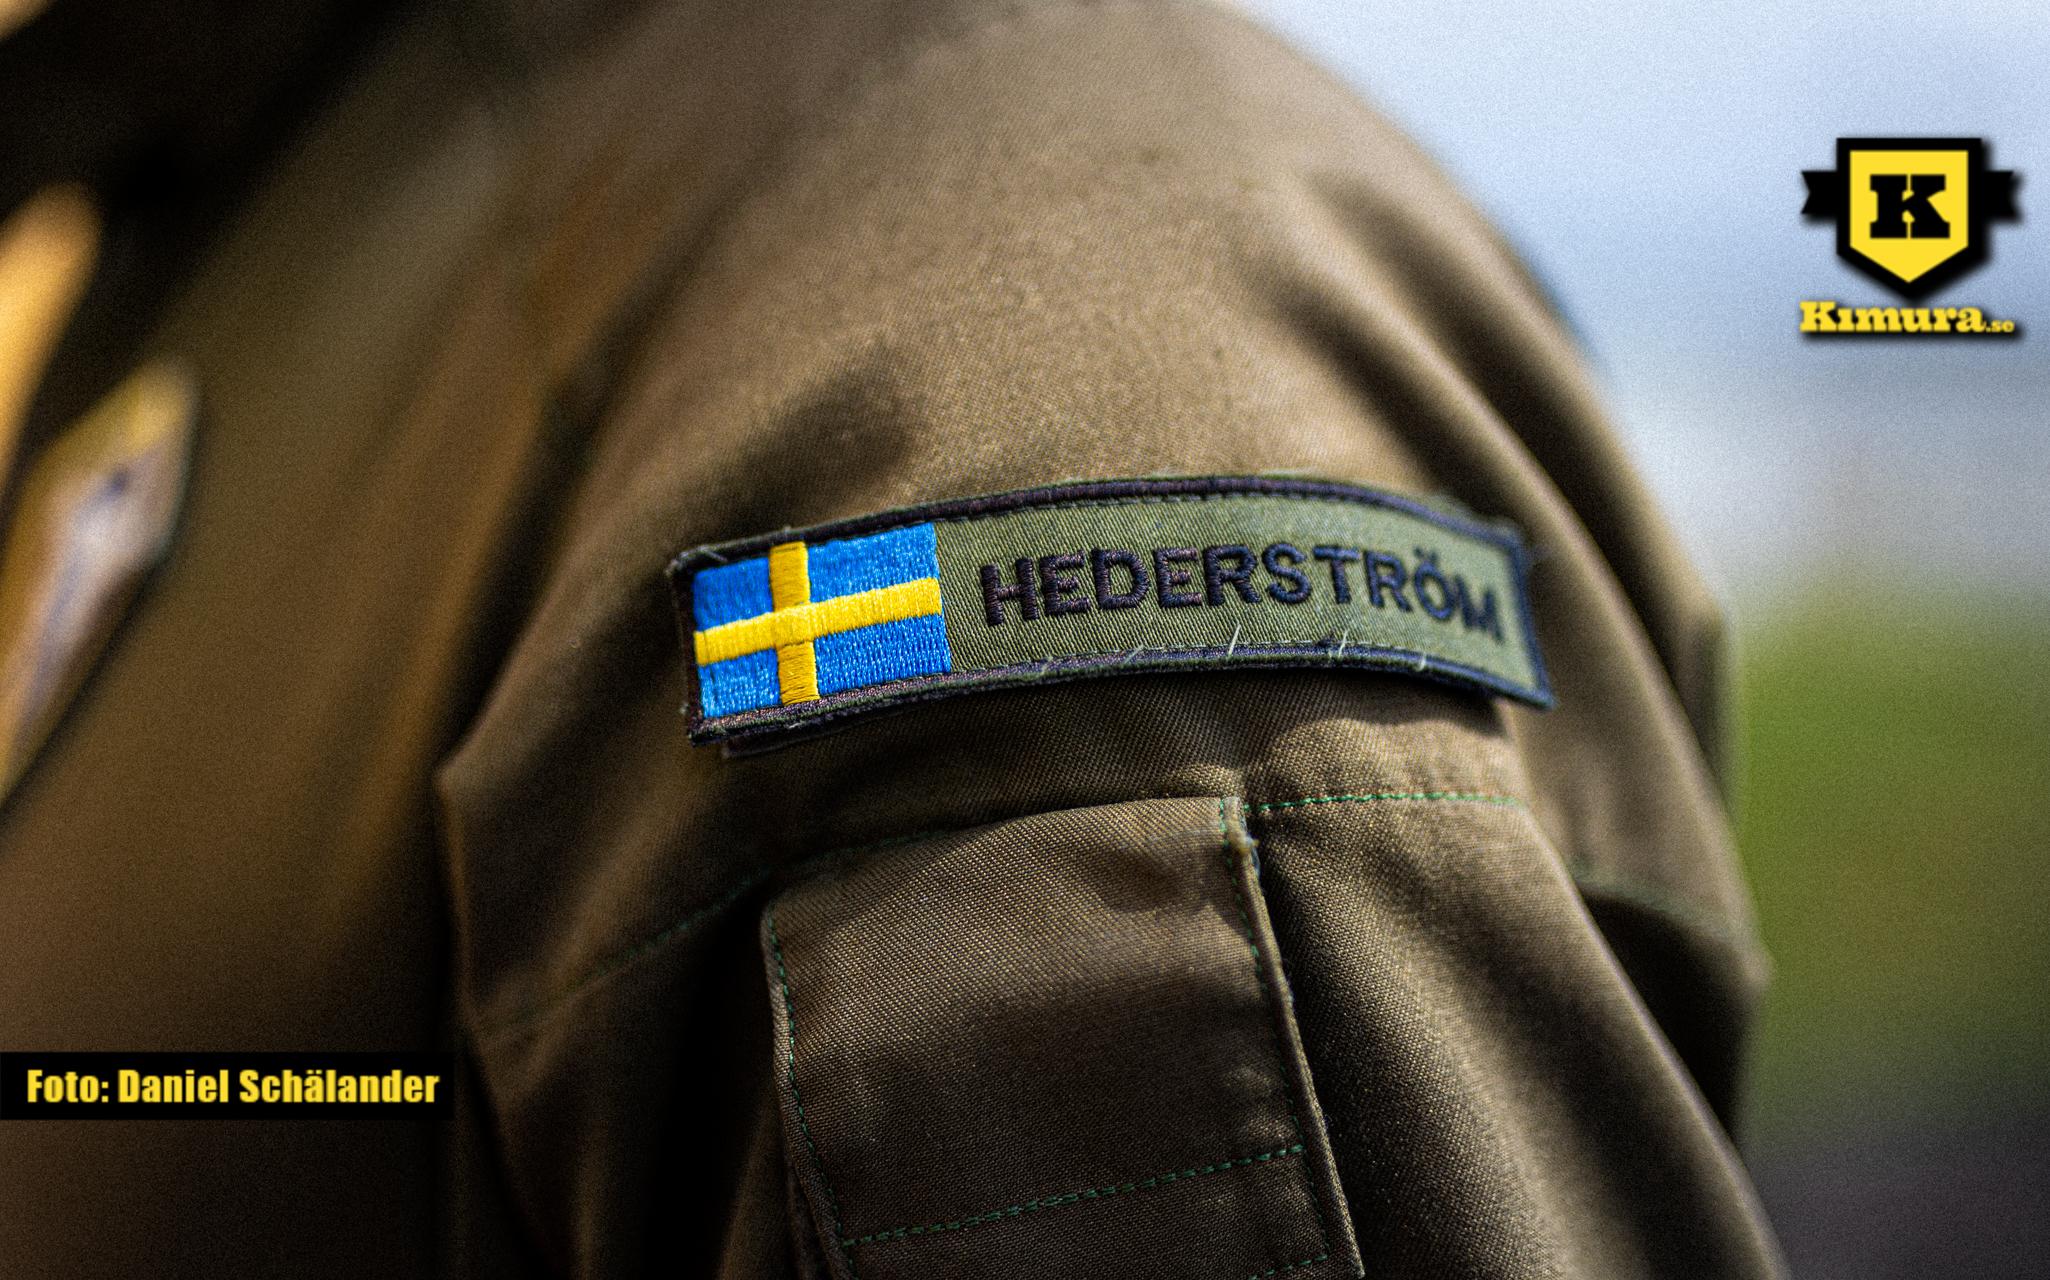 Max Hederströms uniform